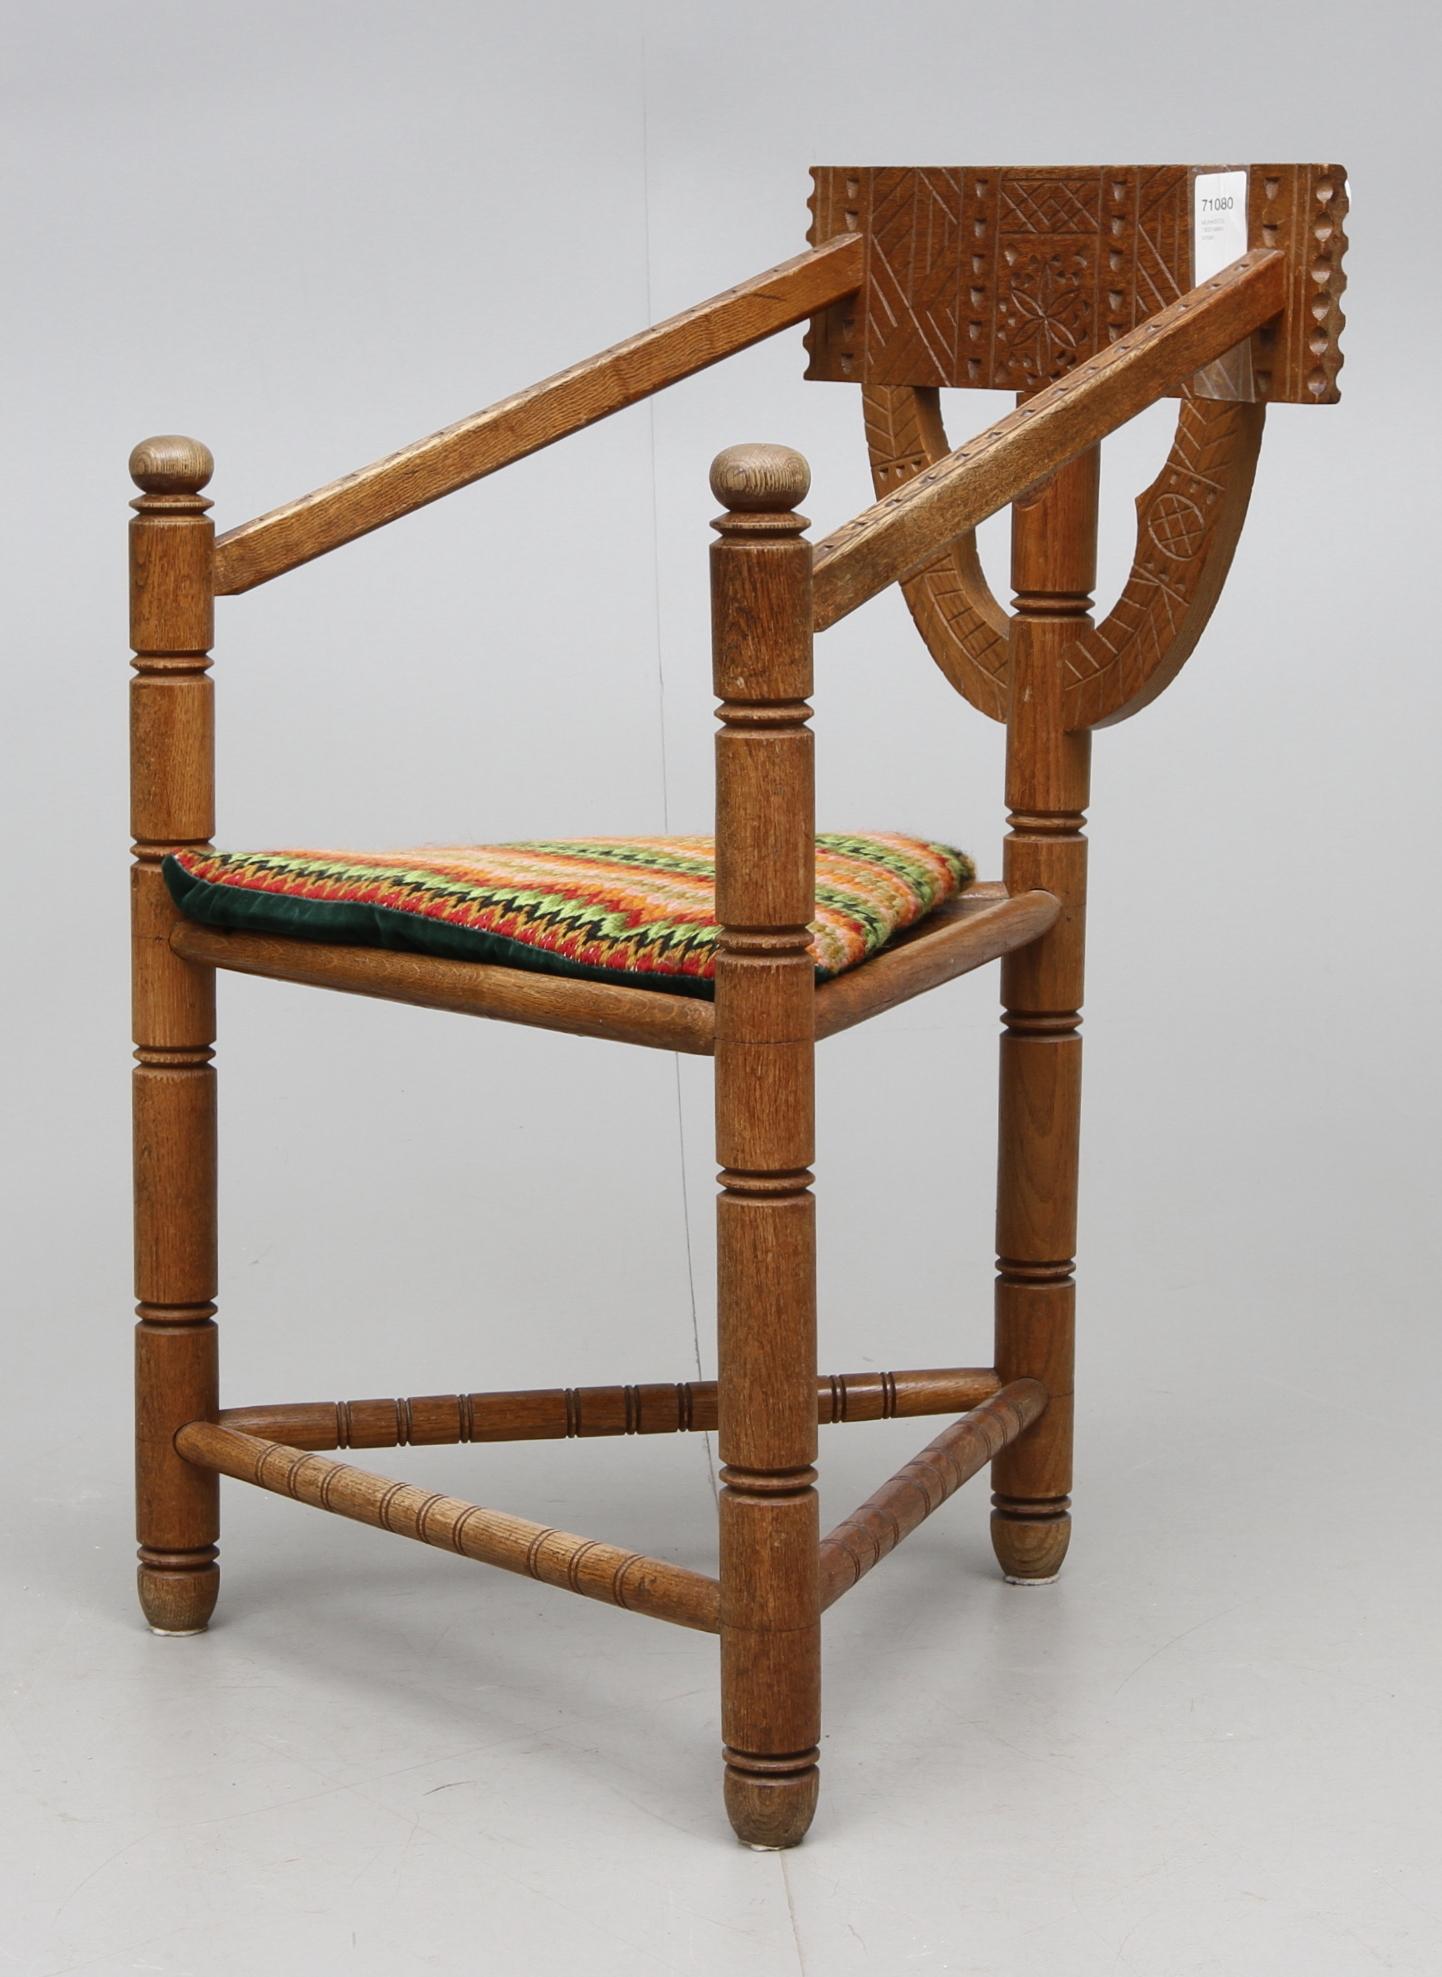 munkstol möbler ~ bilder för 71080 munkstol 1900talets början – auctionet